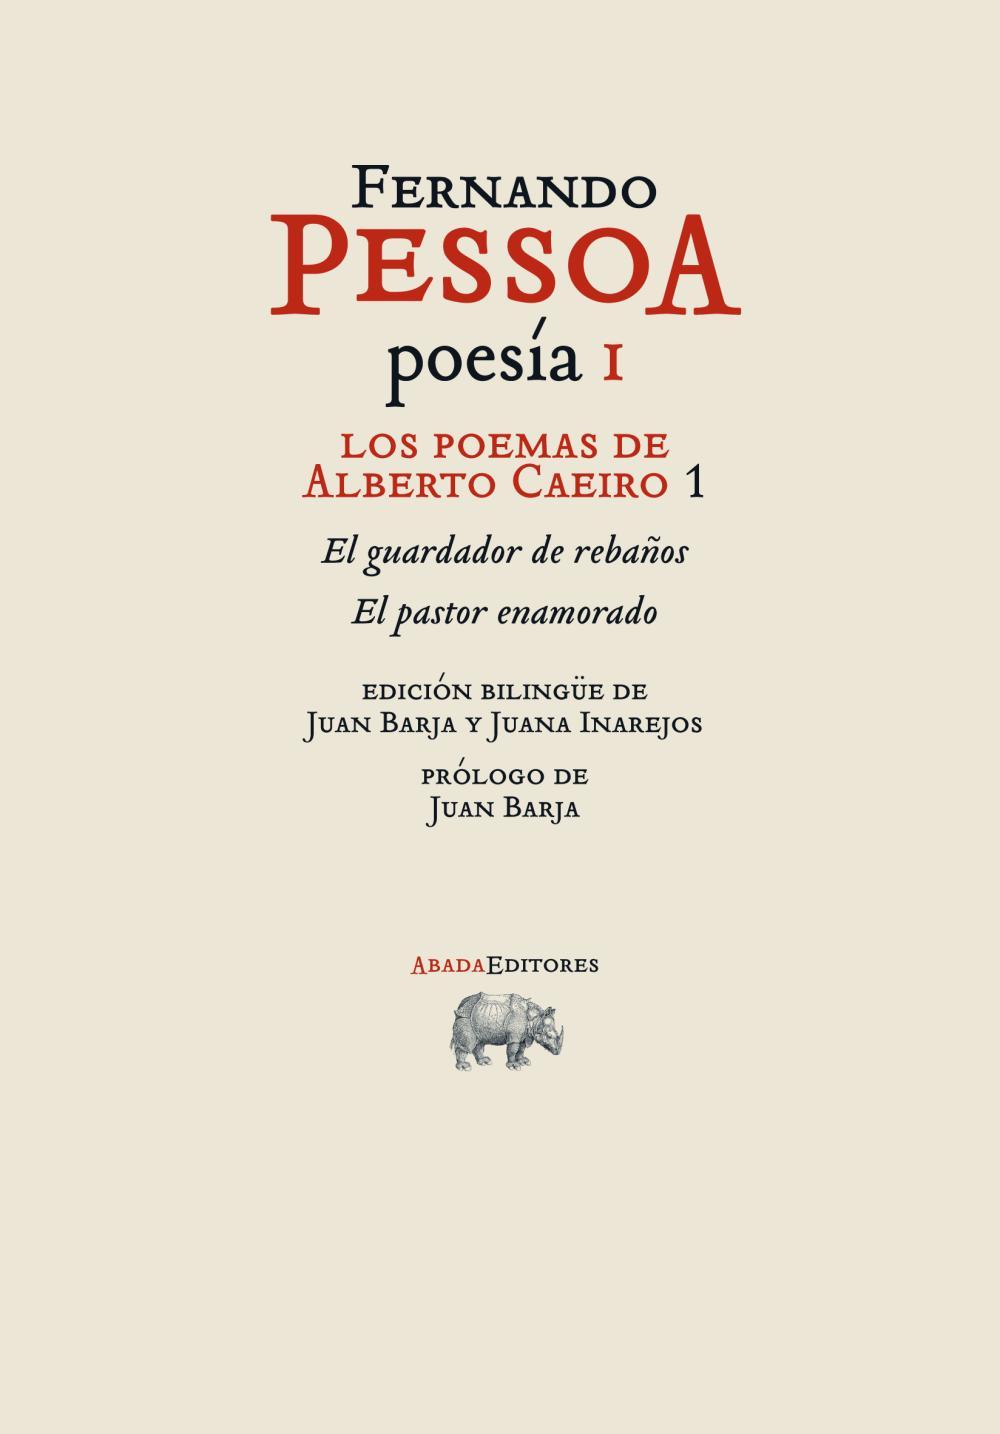 Los poemas de Alberto Caeiro 1